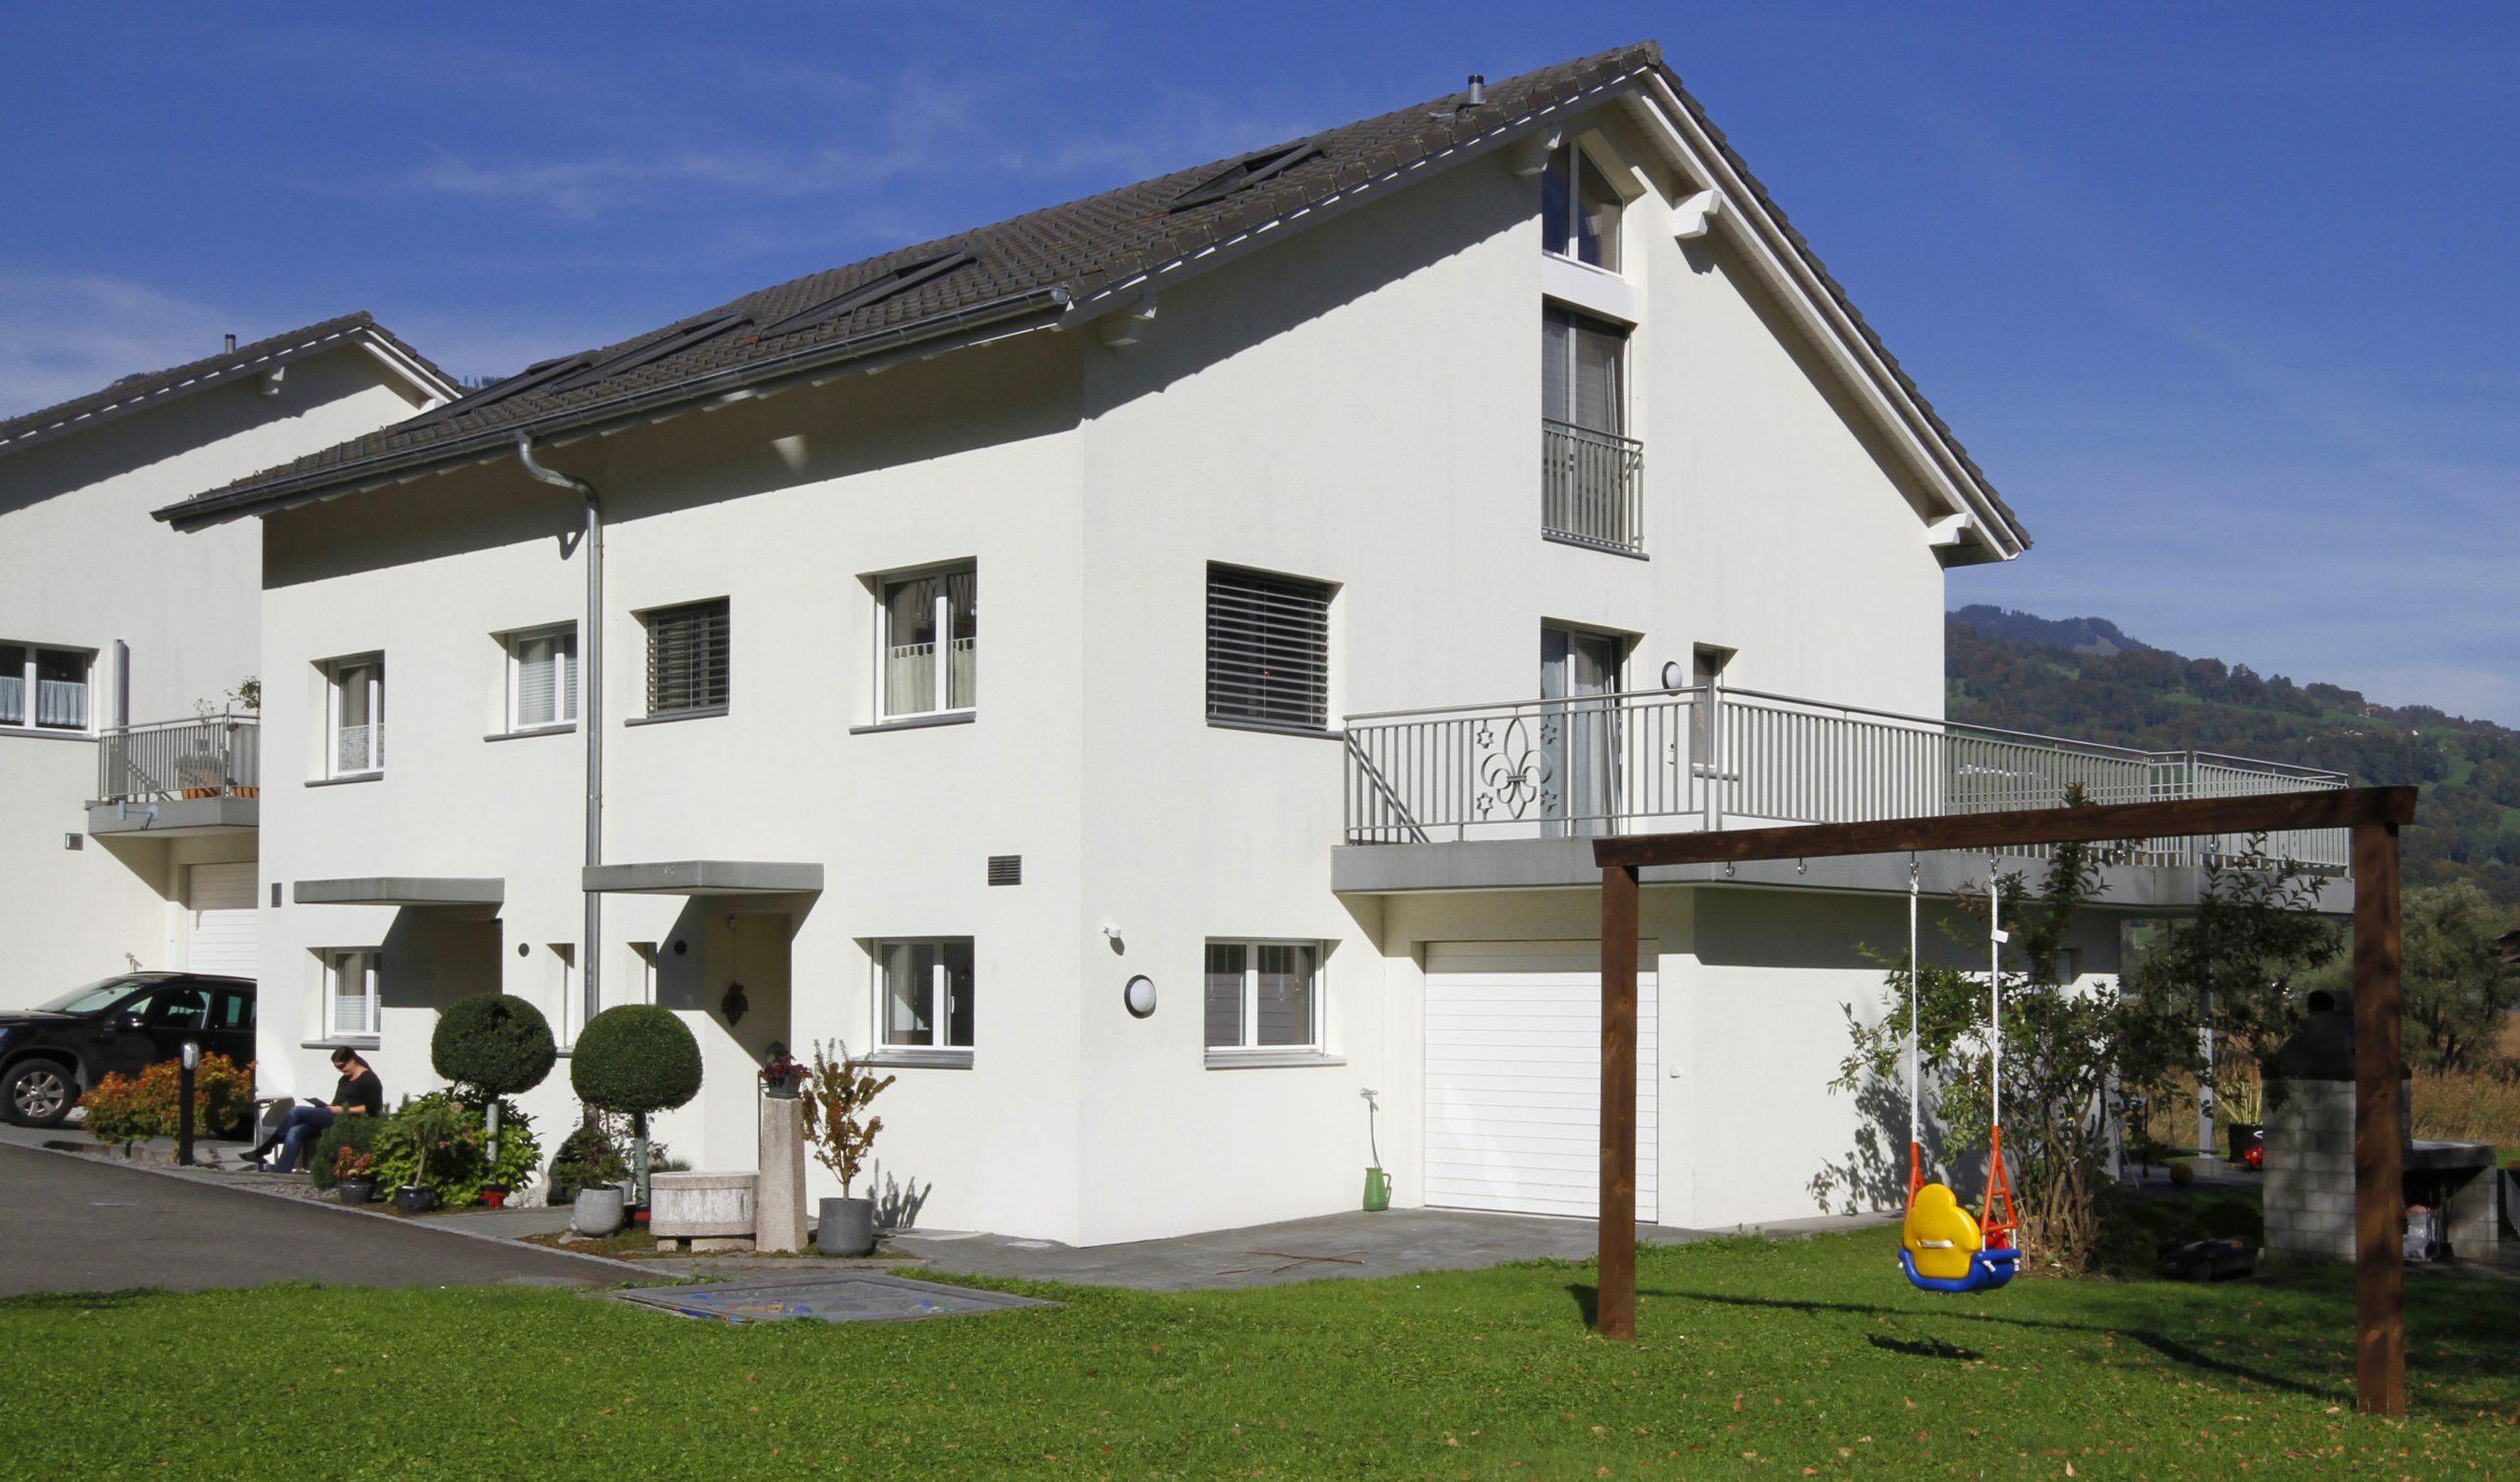 Doppel Einfamilienhaus an idyllischer Lage